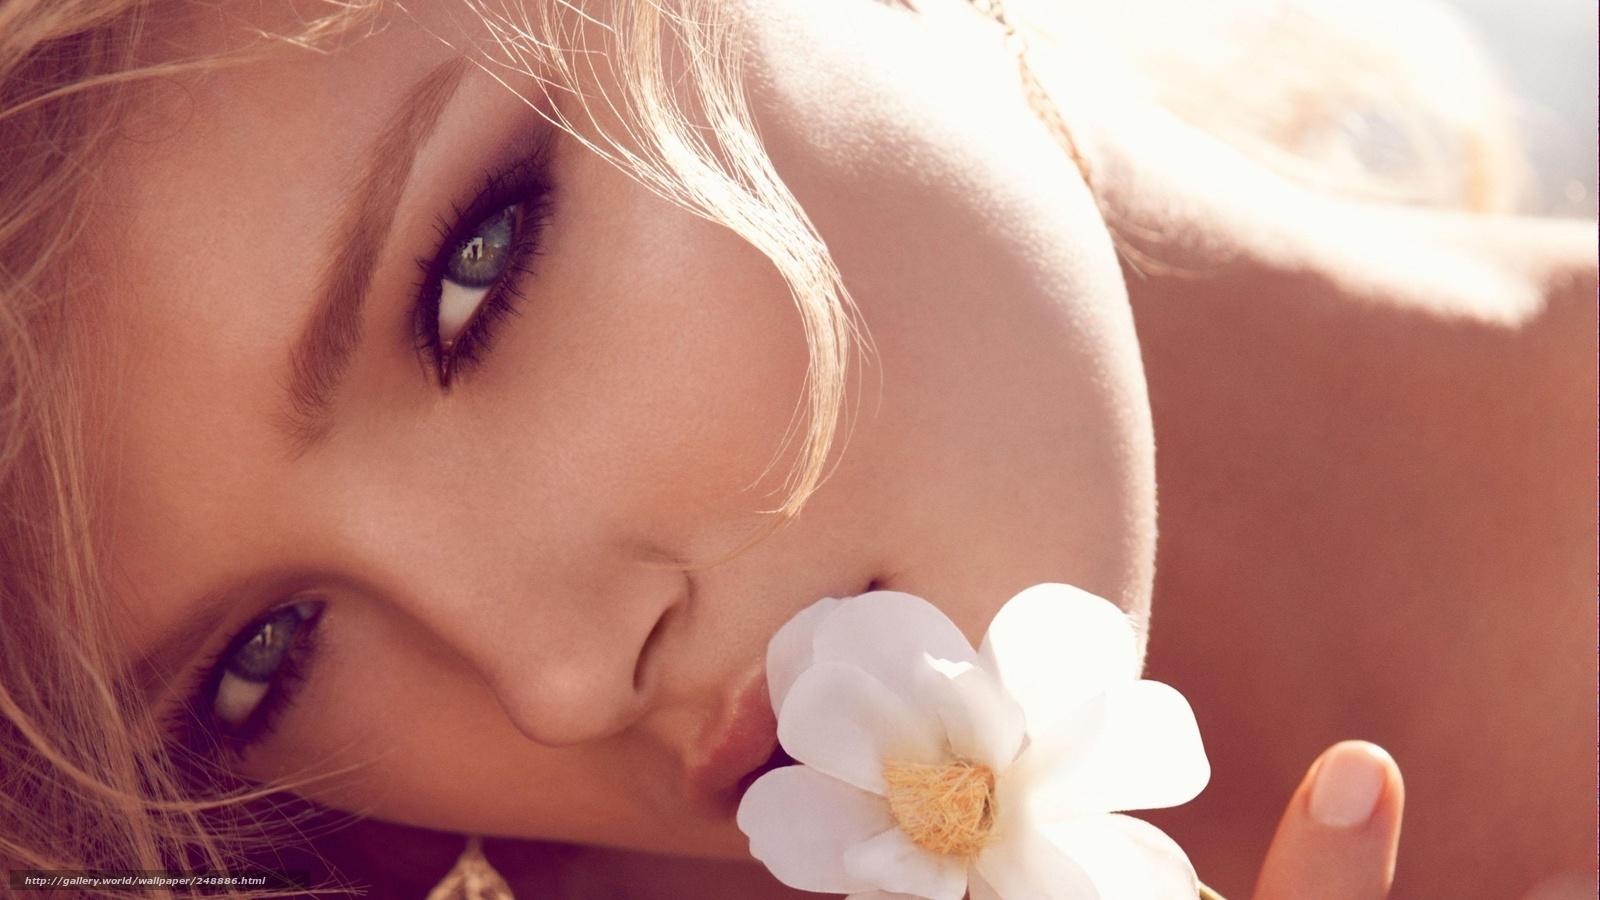 Секс девушкой у которой красивые глаза 20 фотография